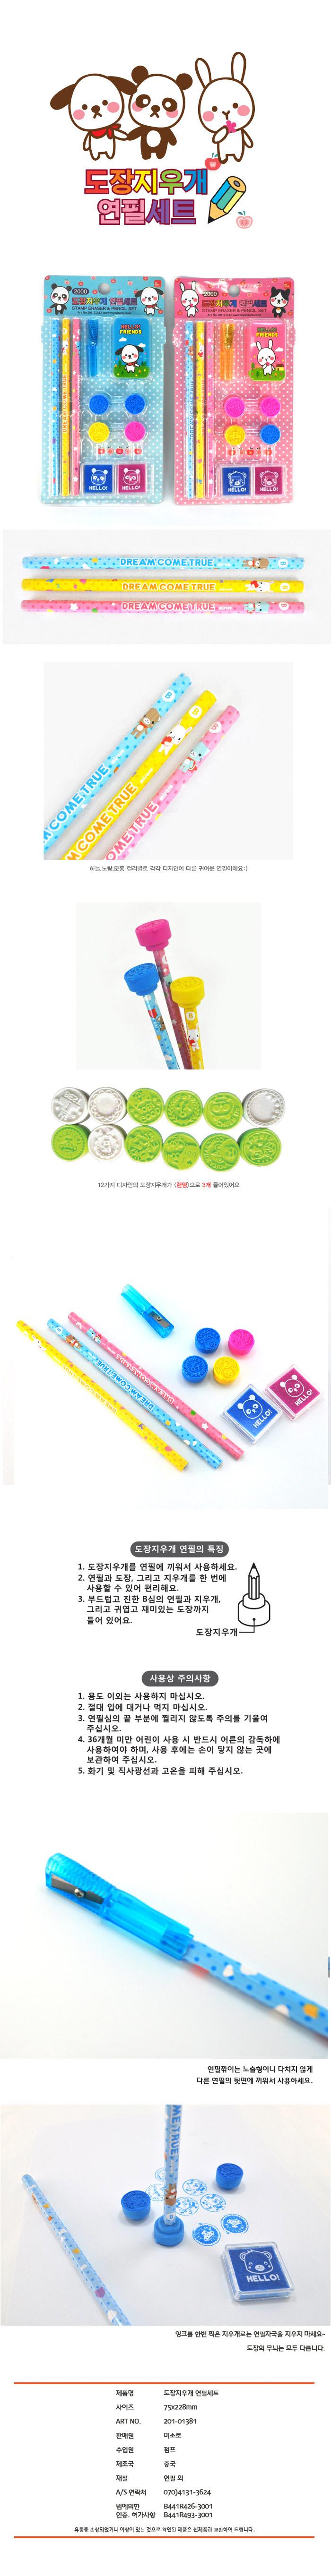 2000 도장지우개연필세트 1381 - 미소로, 2,000원, 문구세트, 어린이문구세트